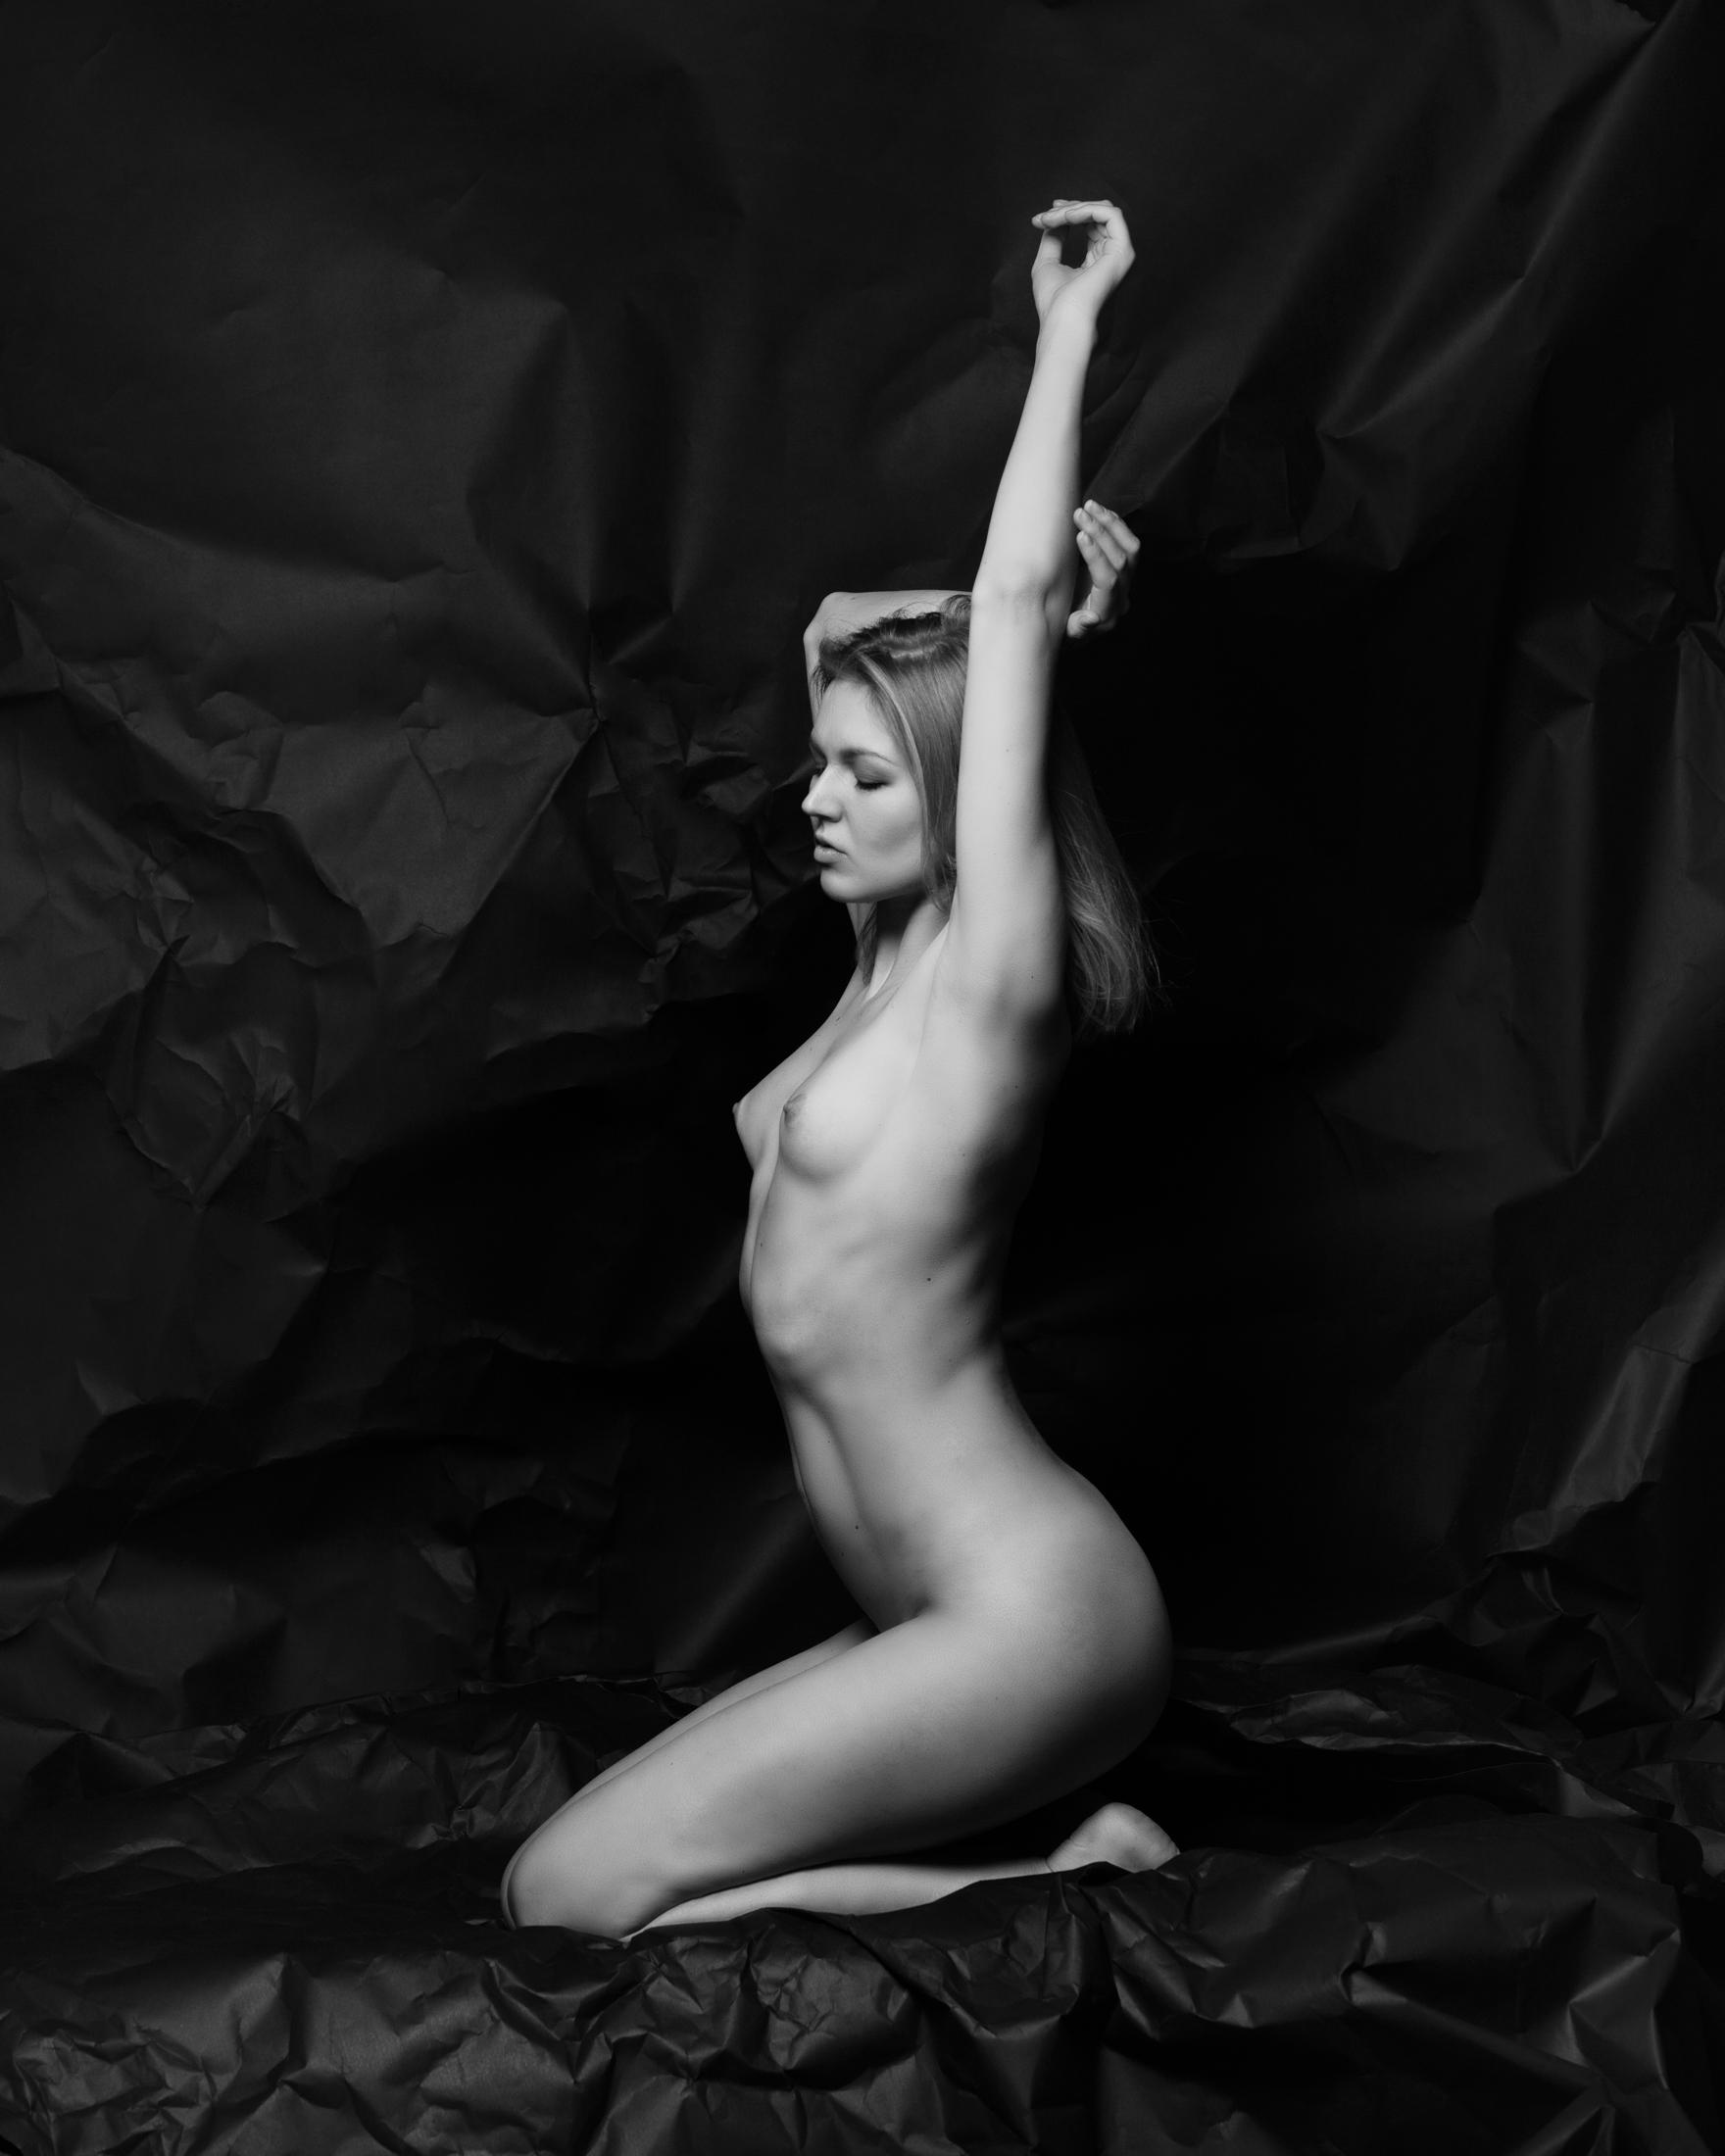 vlada sculptural nude in studio in frankfurt 05